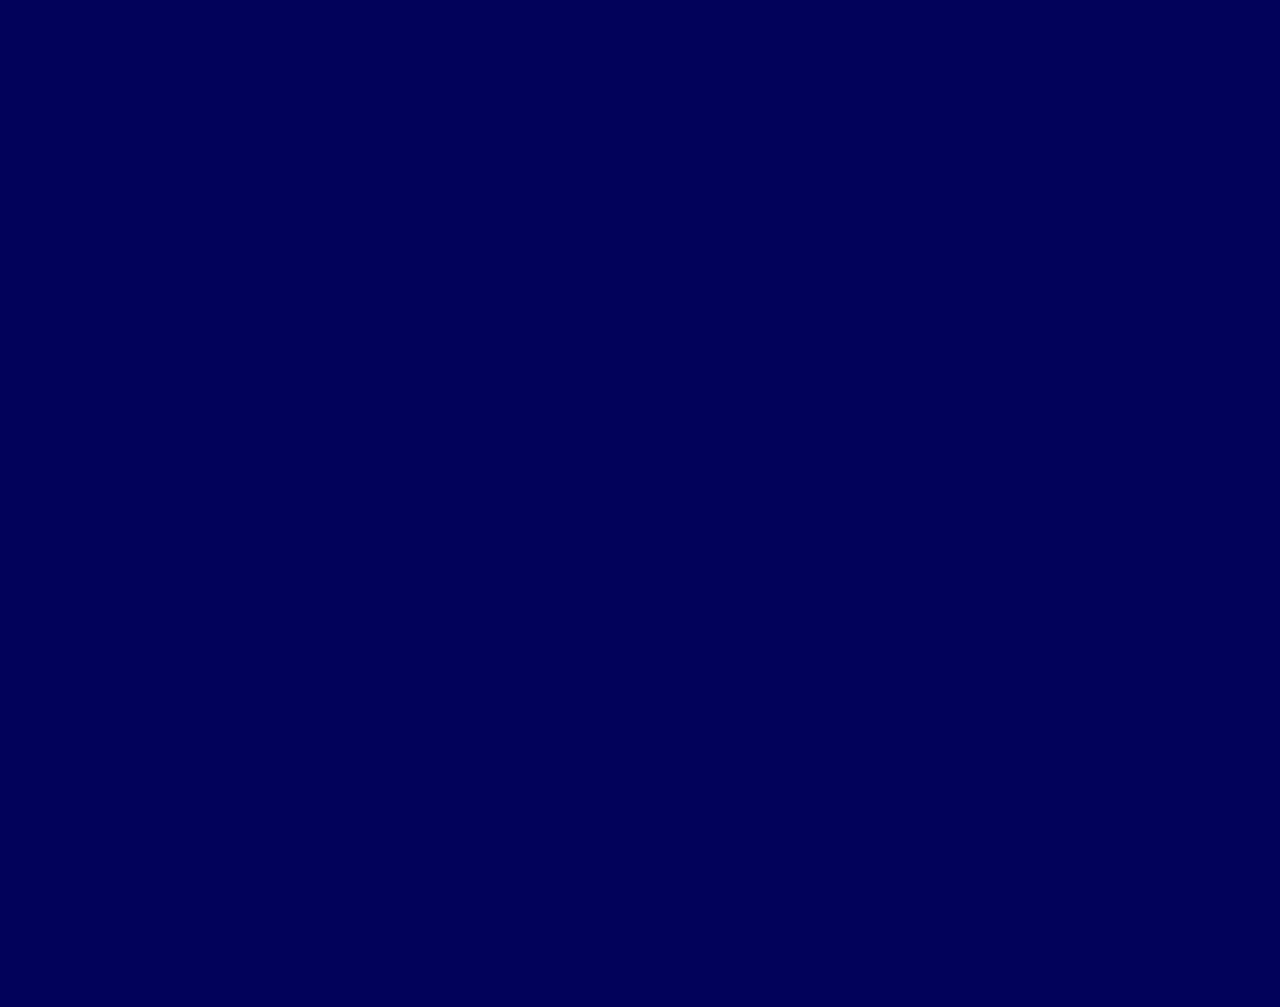 Dark Navy Blue Color